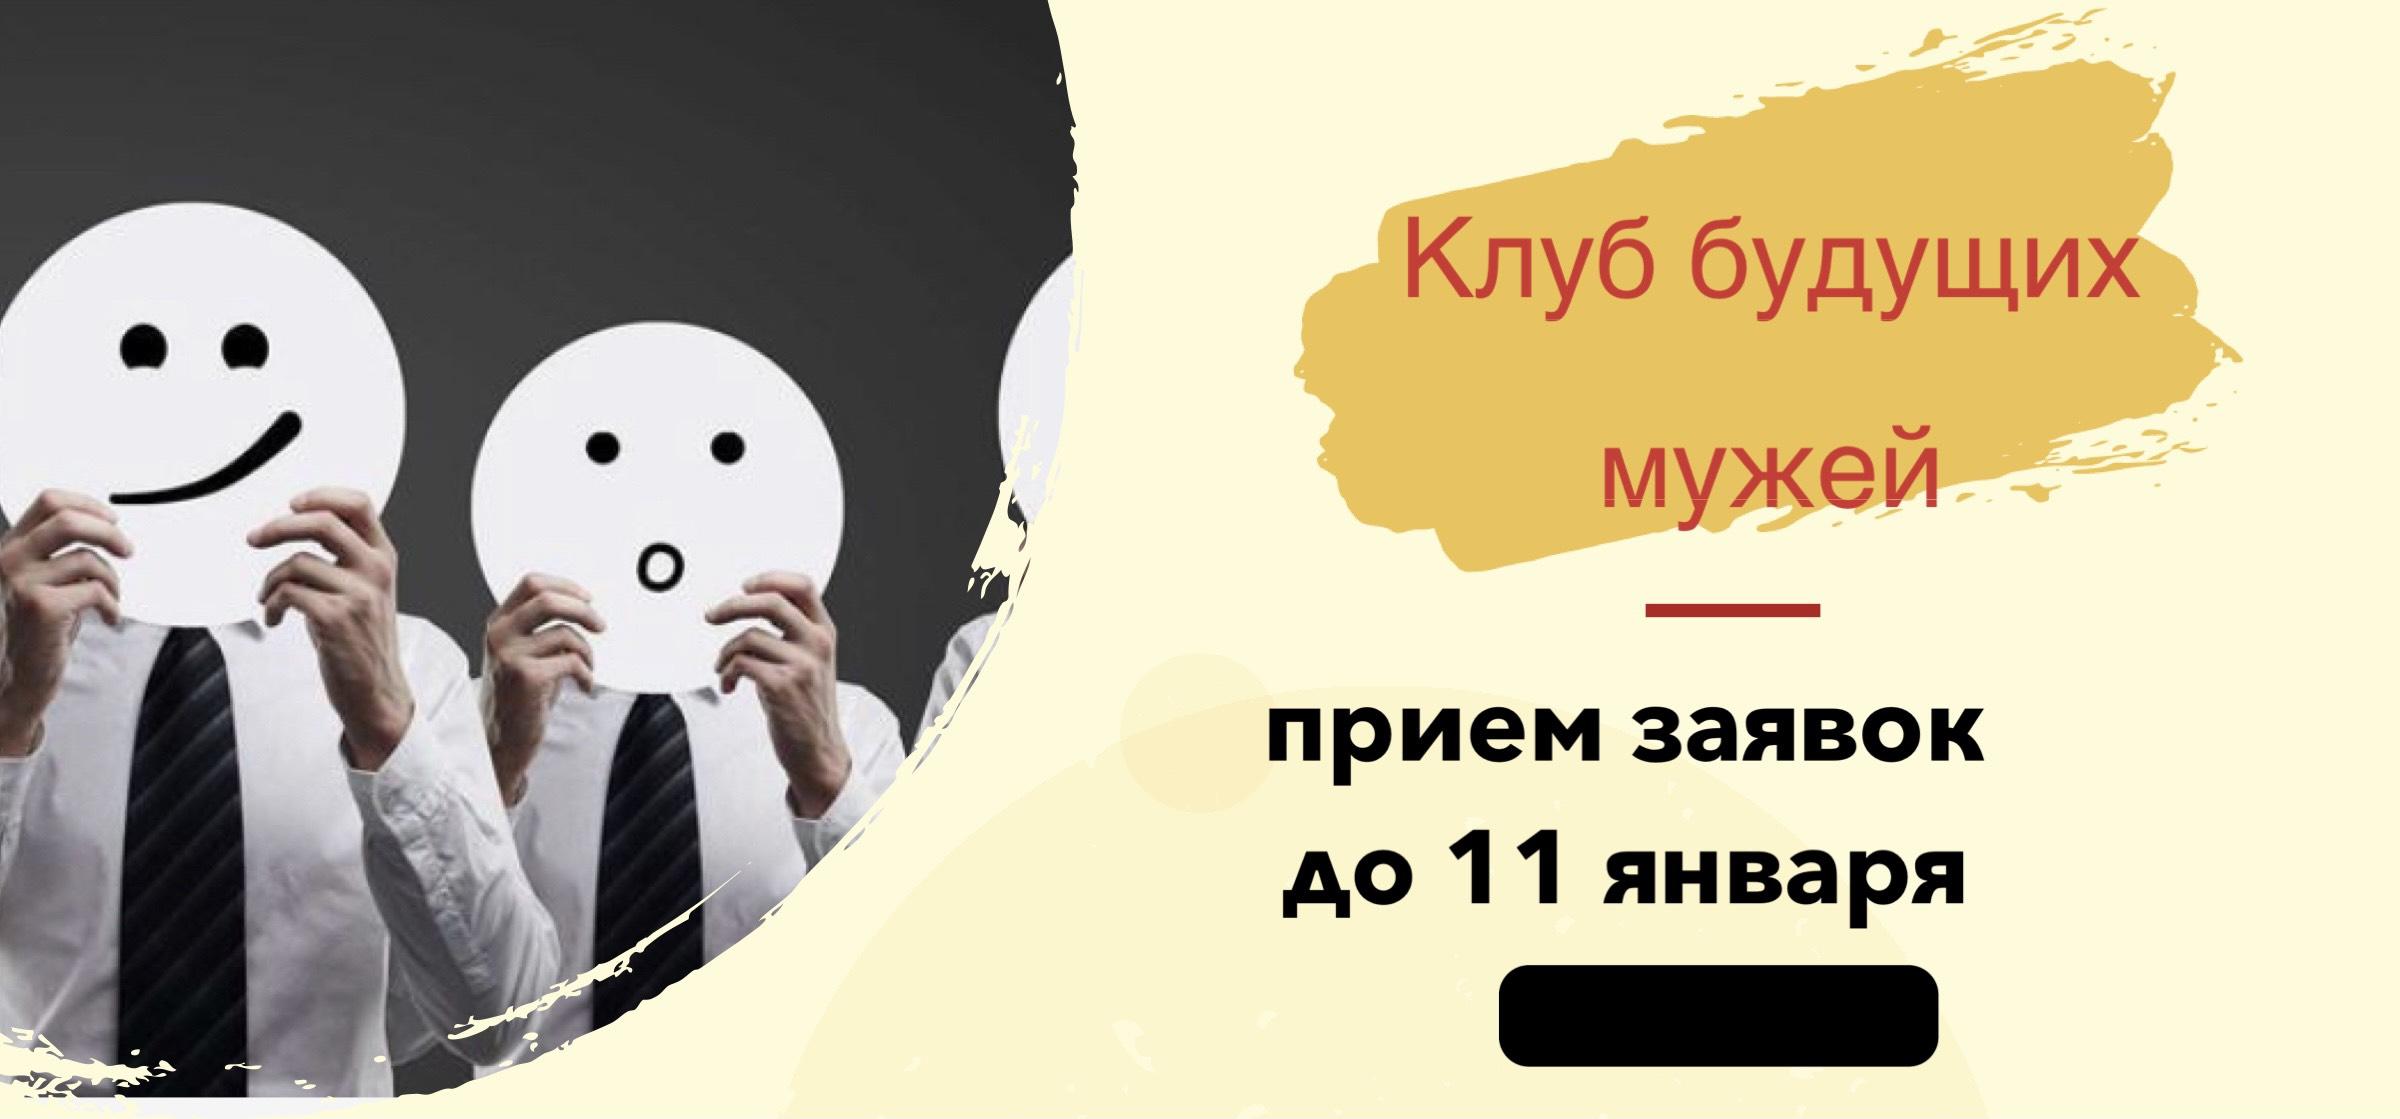 Клуб будущих мужей начинает работу вМогилеве